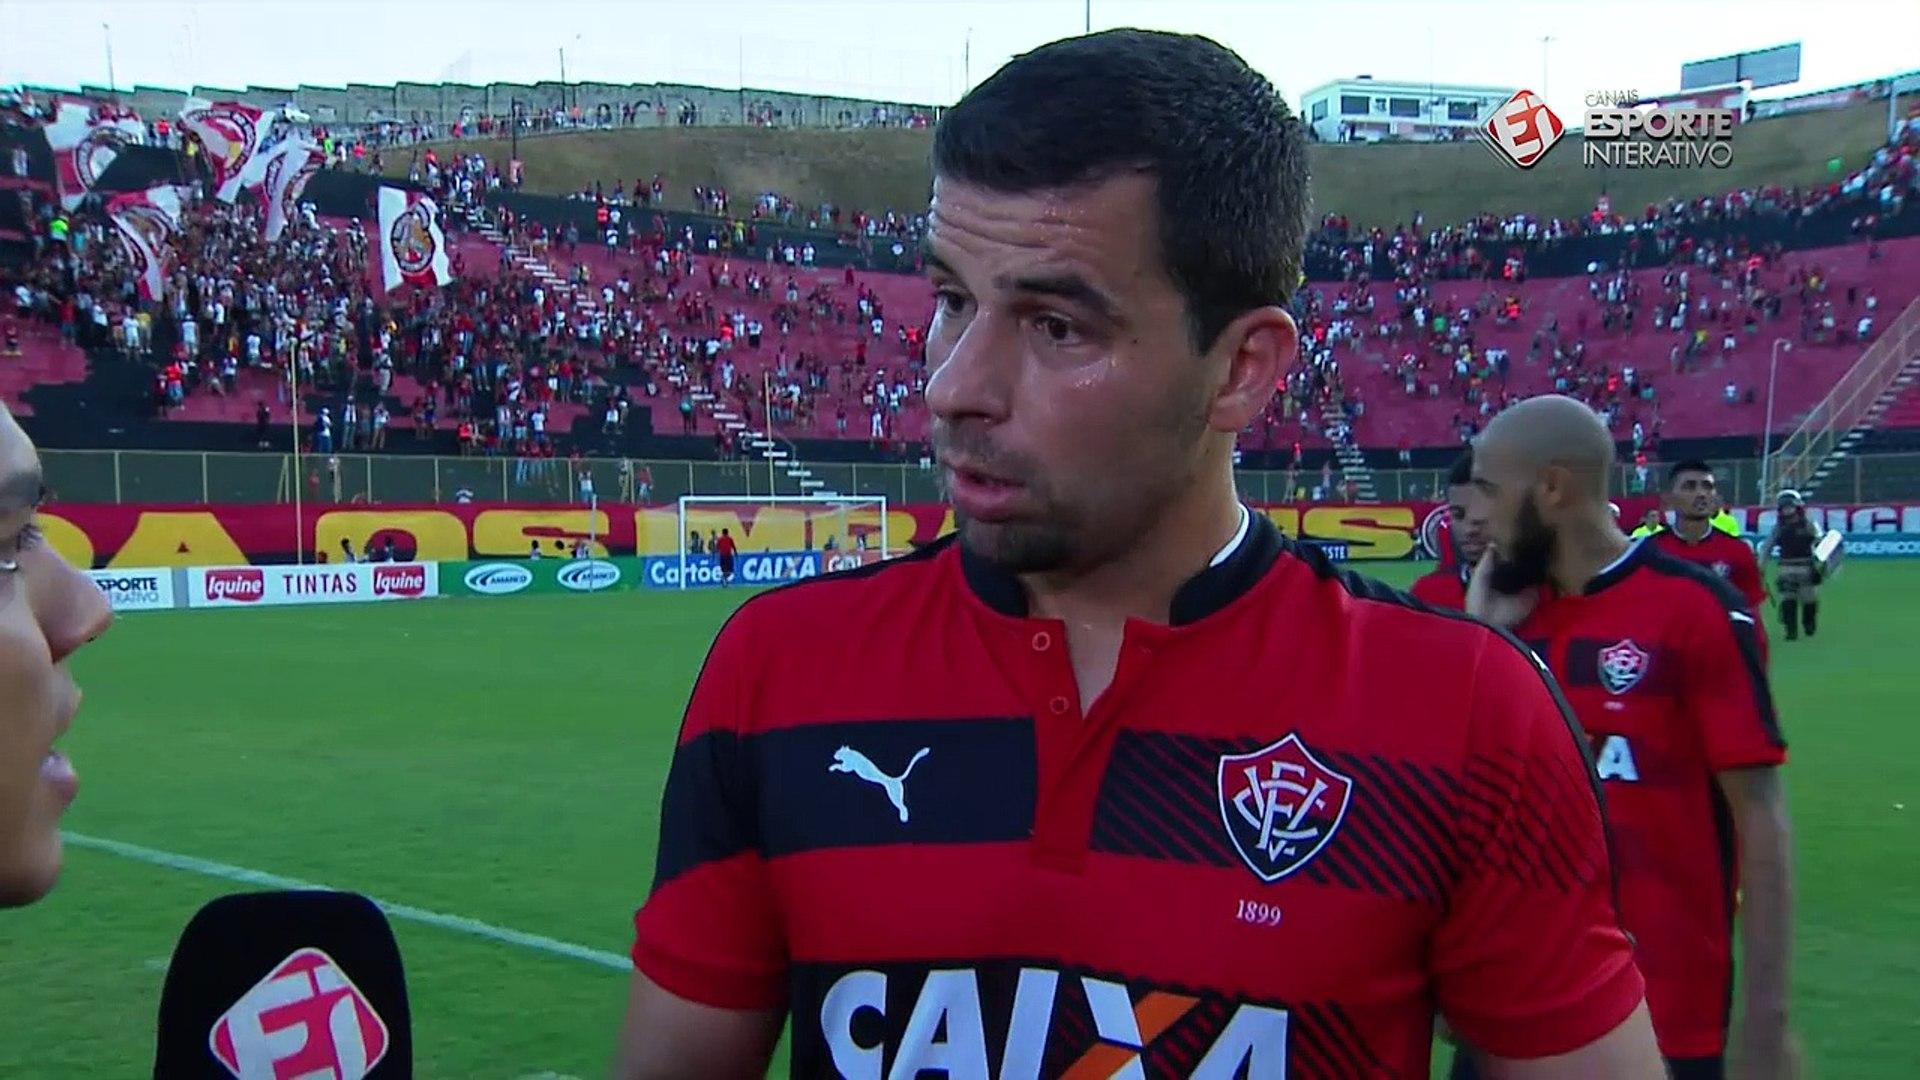 André Lima descreve gol e se emociona ao lembrar de lesão: 'Falaram que eu não voltaria a jogar